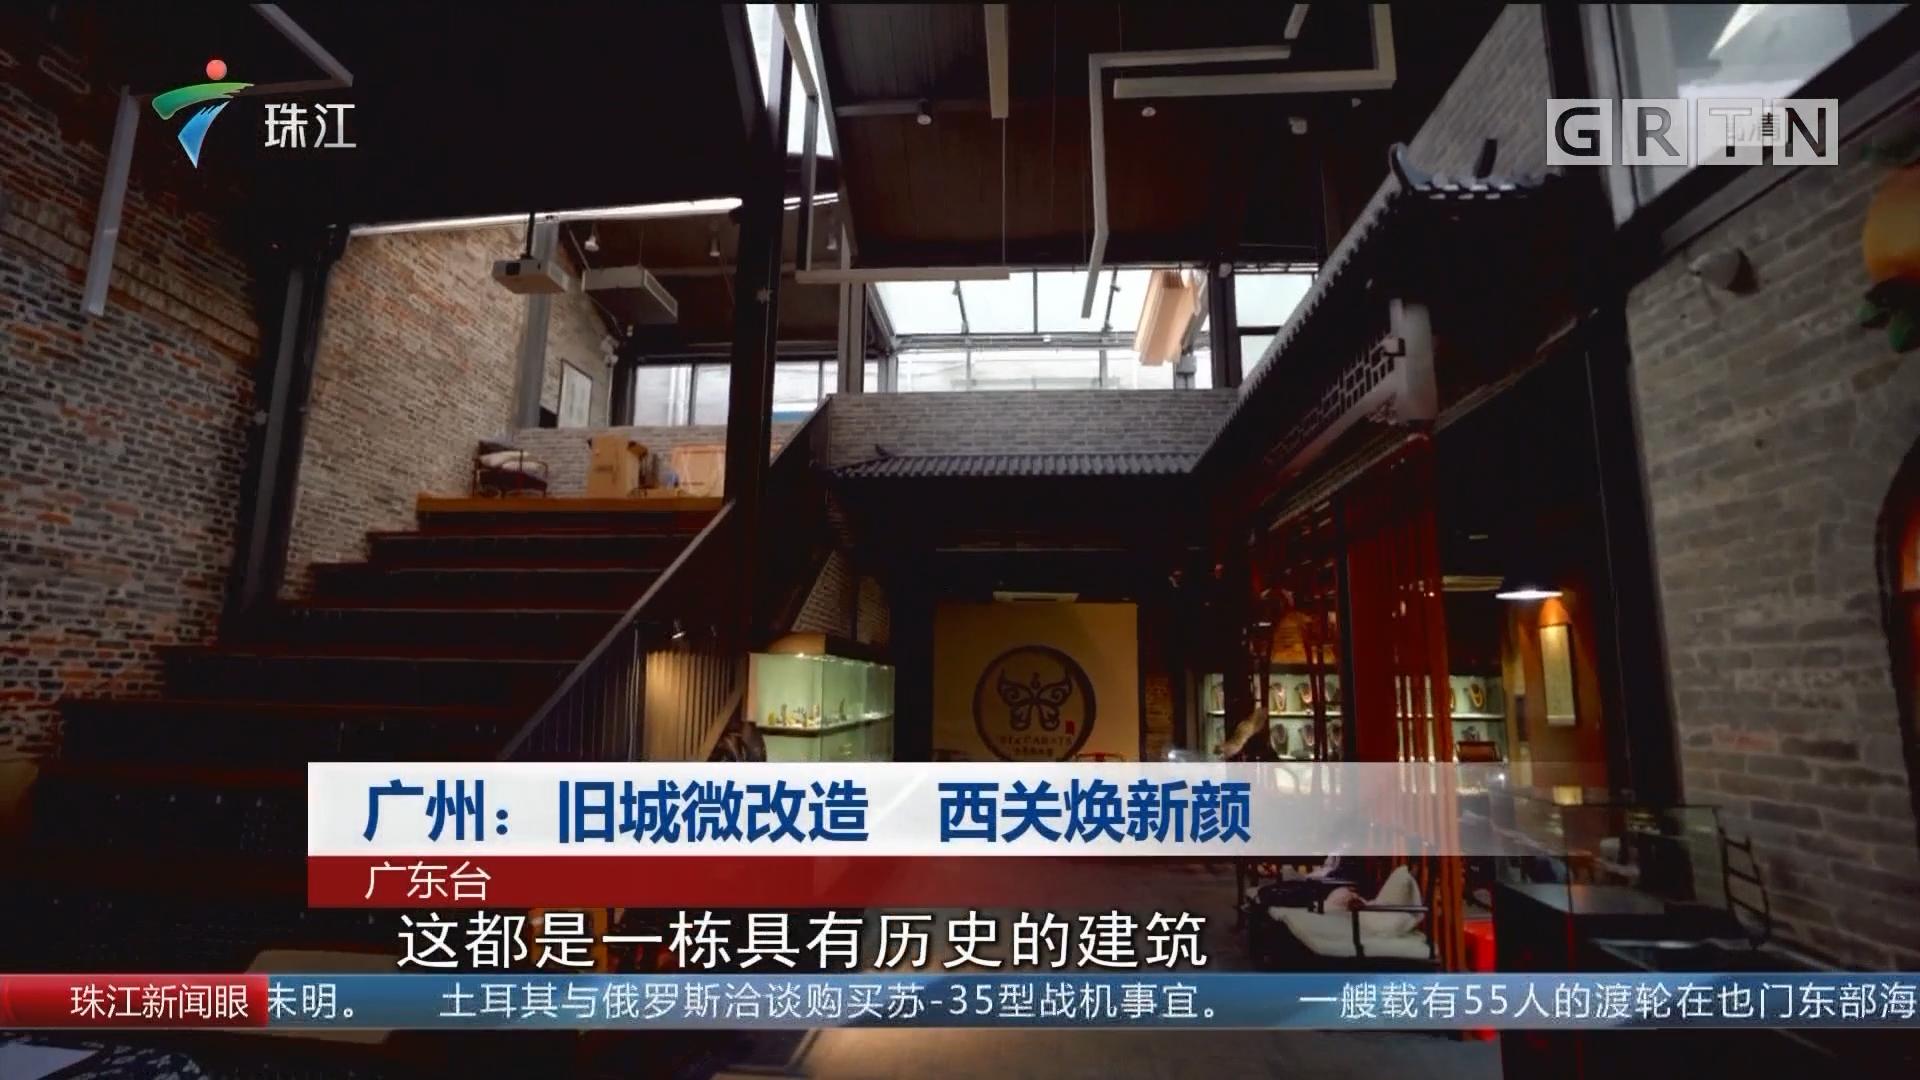 廣州:舊城微改造 西關煥新顏